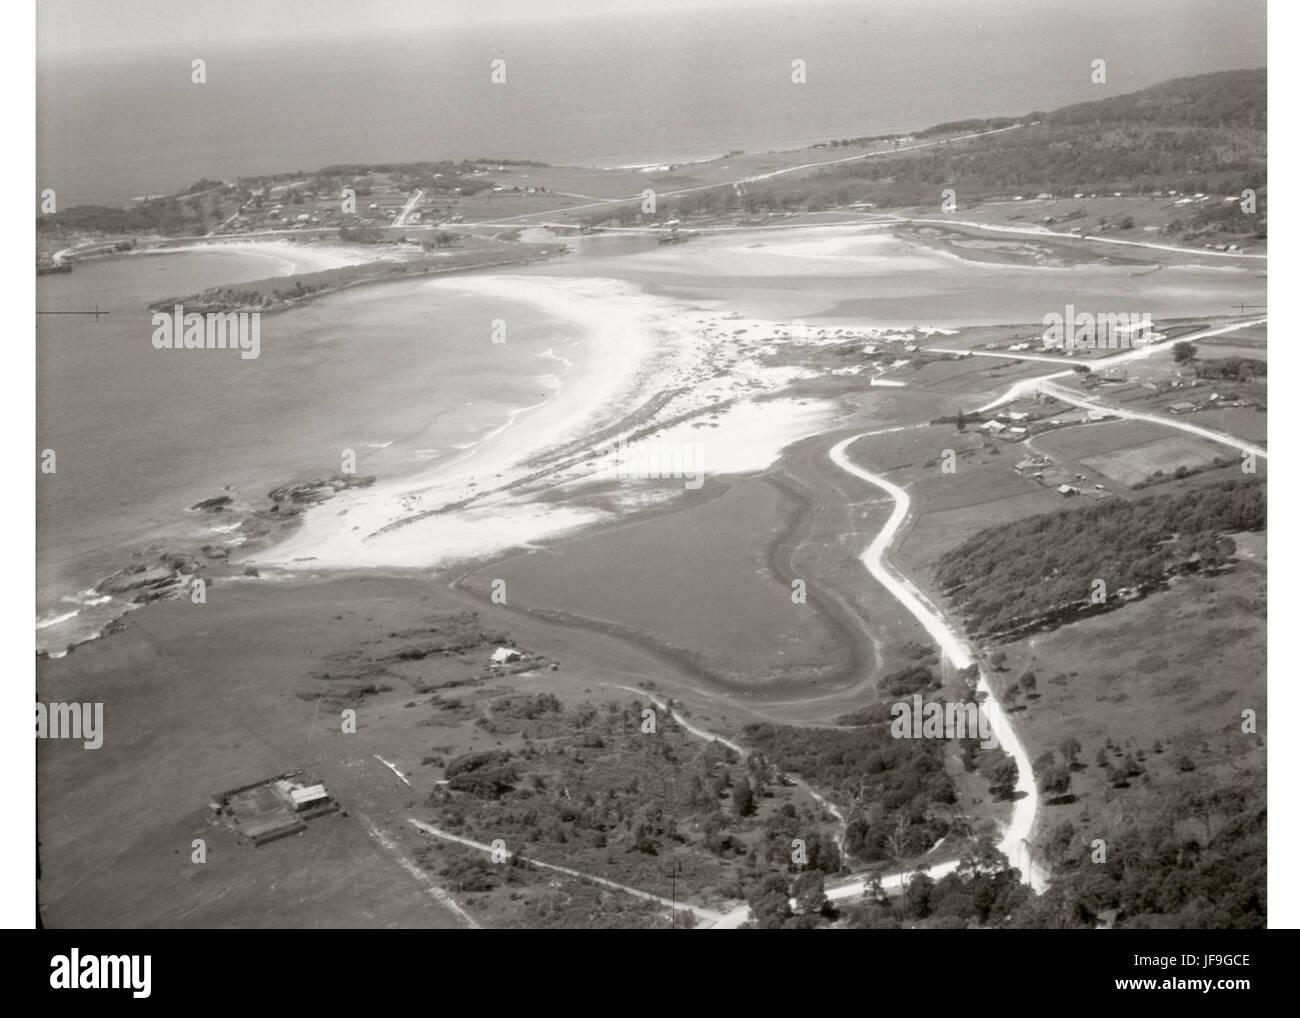 Moruya Landing Ground - 17 Nov 1937 30079604221 o - Stock Image